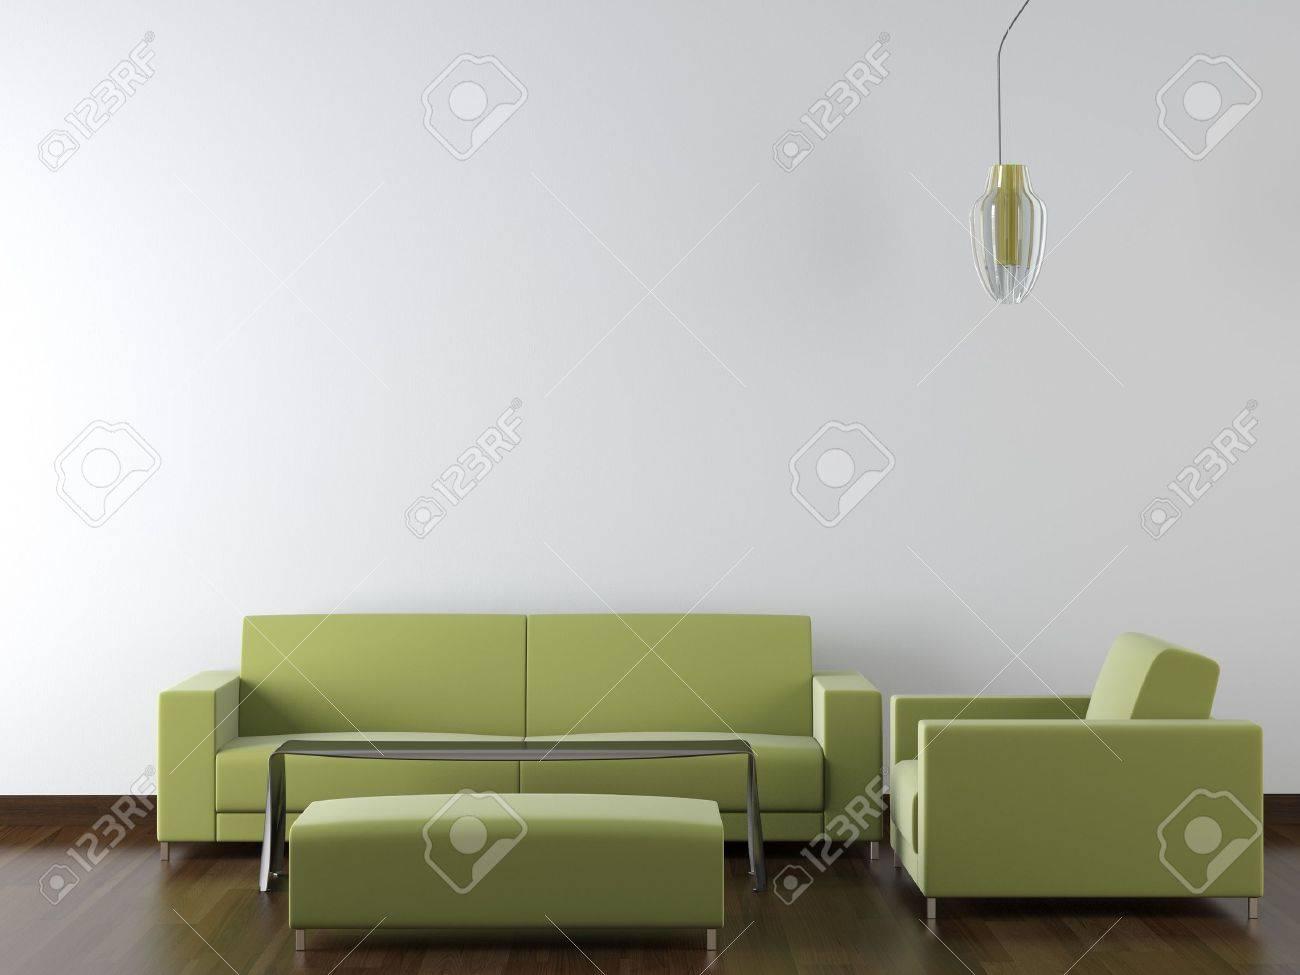 Lampadario bianco moderno: lampadina sospensione design fl y big ...